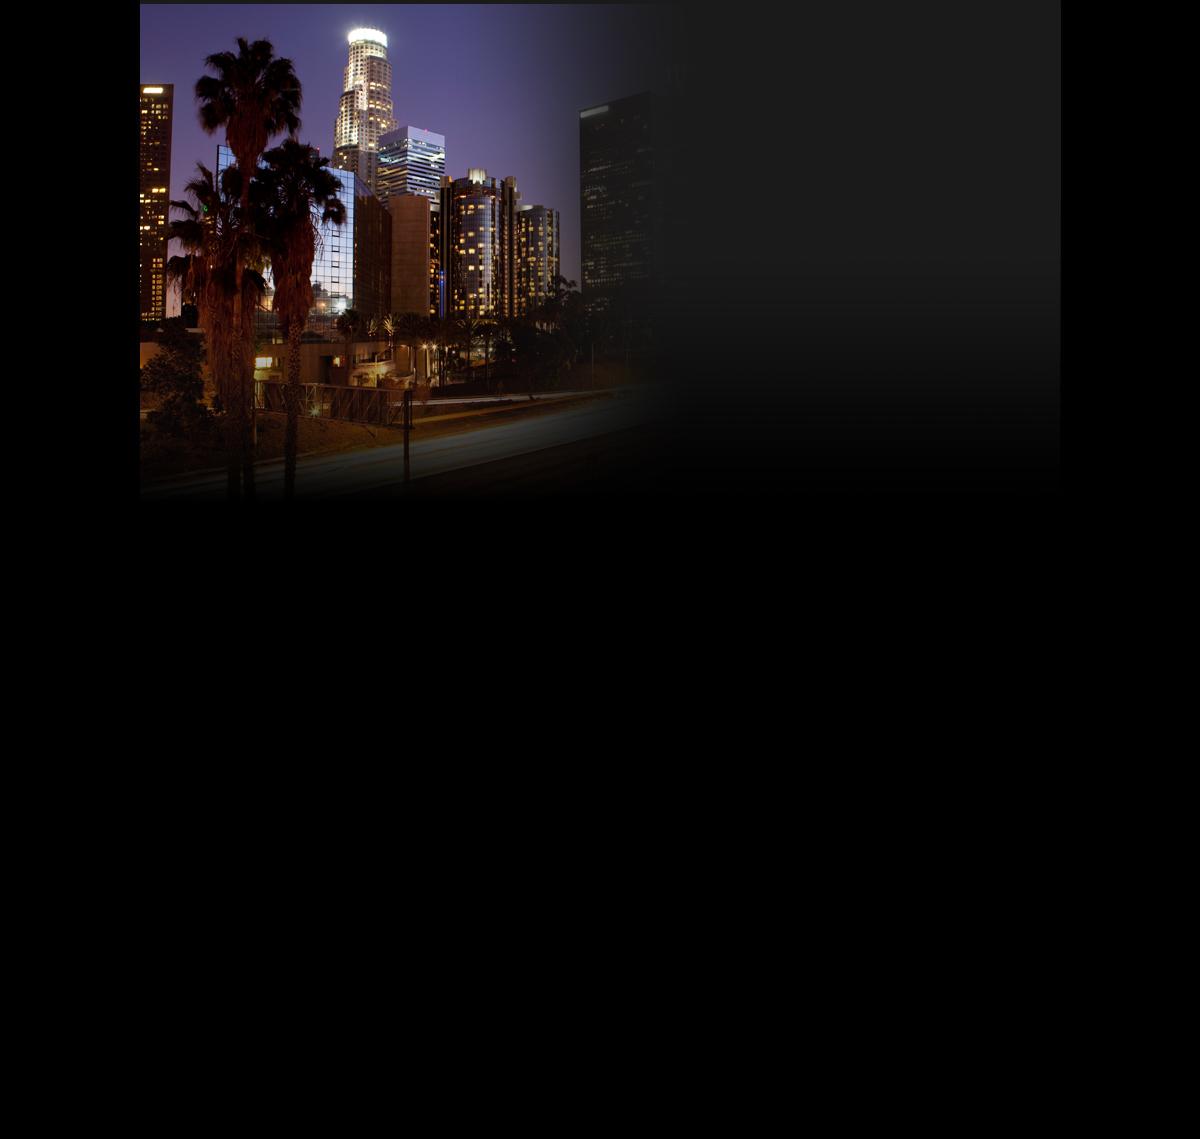 autoshow_losangeles_background.jpg